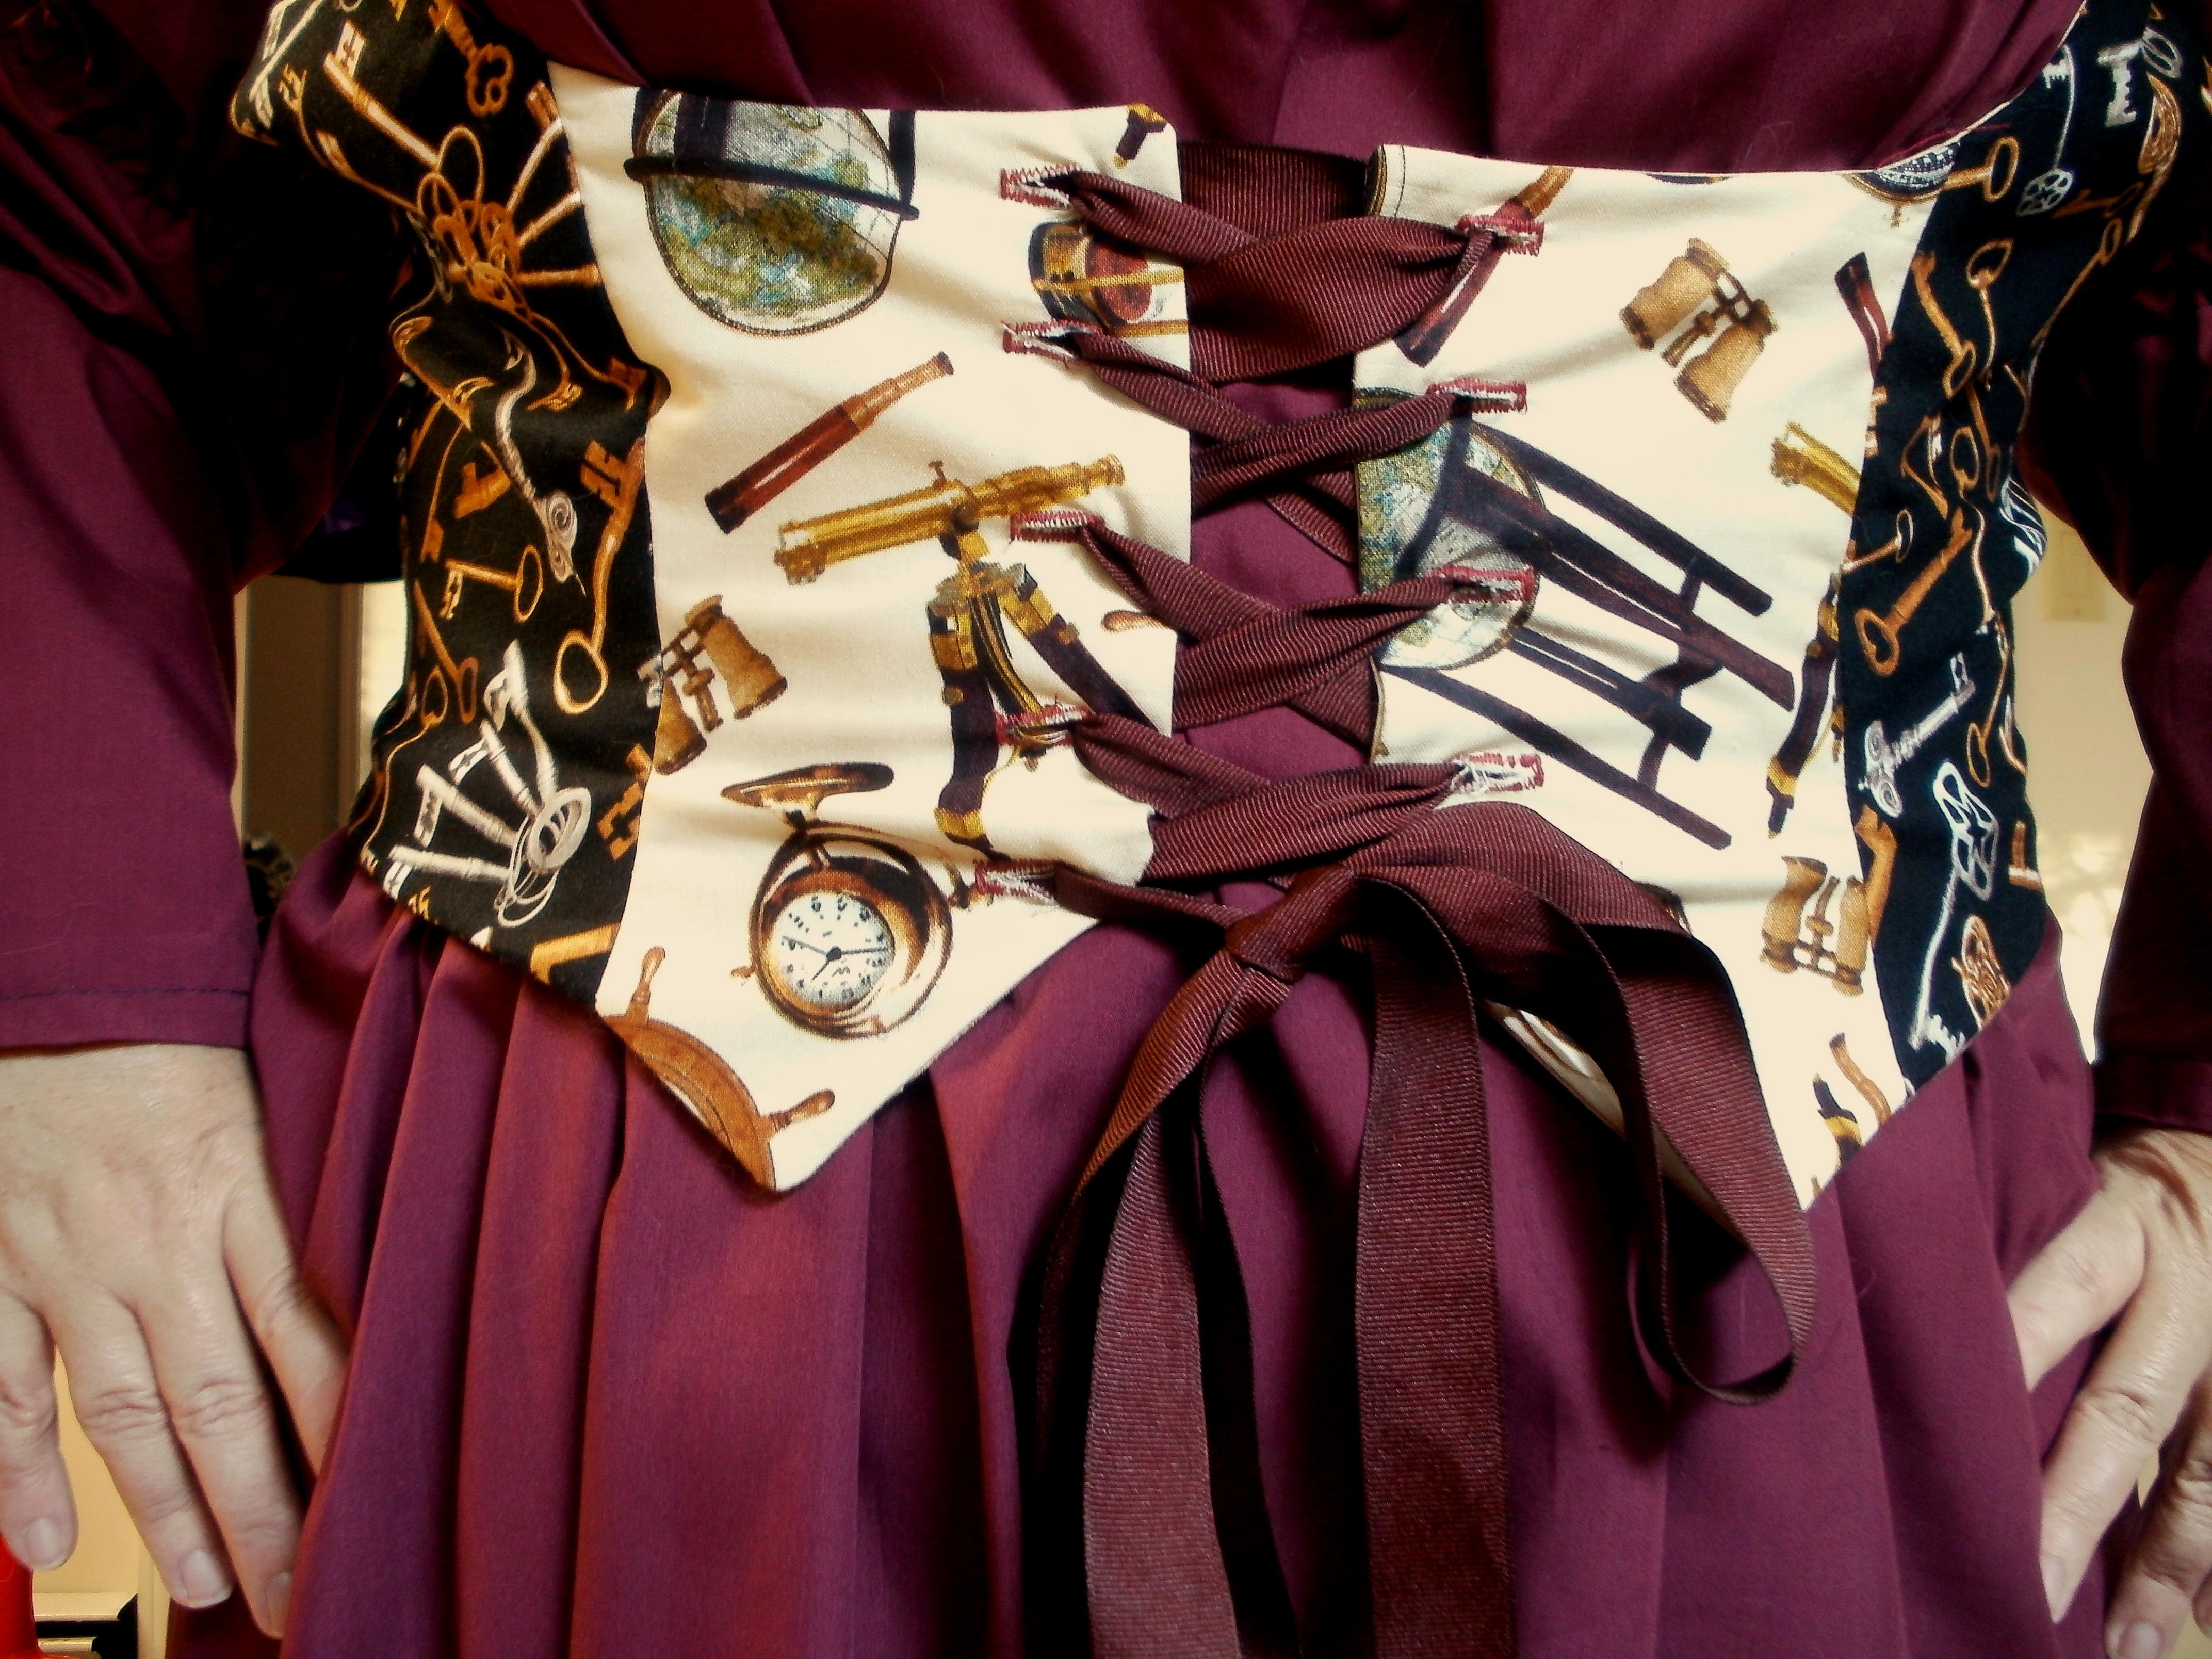 biopunk clothing - photo #17